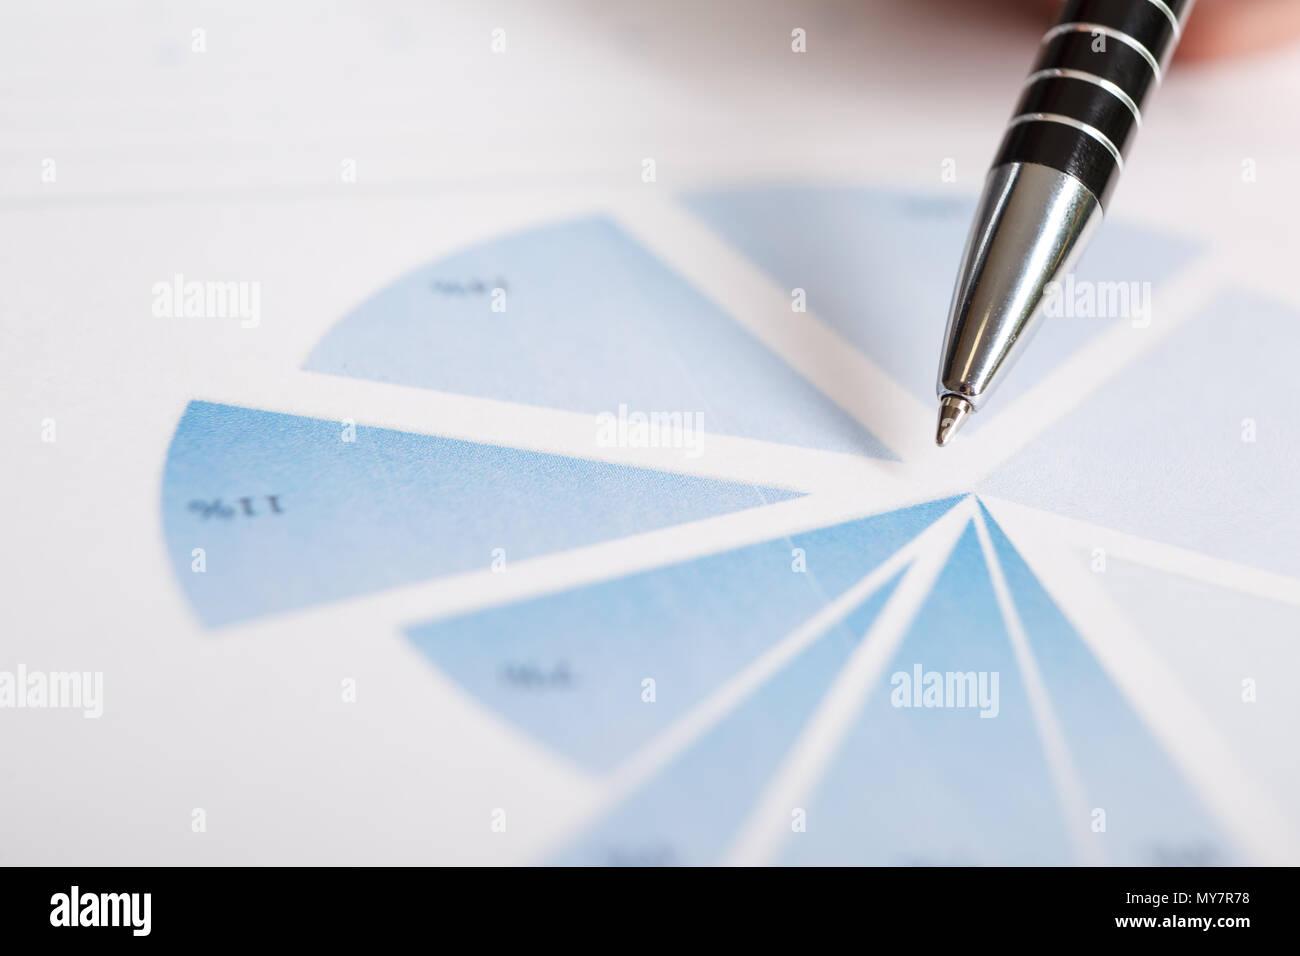 Stylo sur graphique. Macro image.Analyse des données financières concept Photo Stock